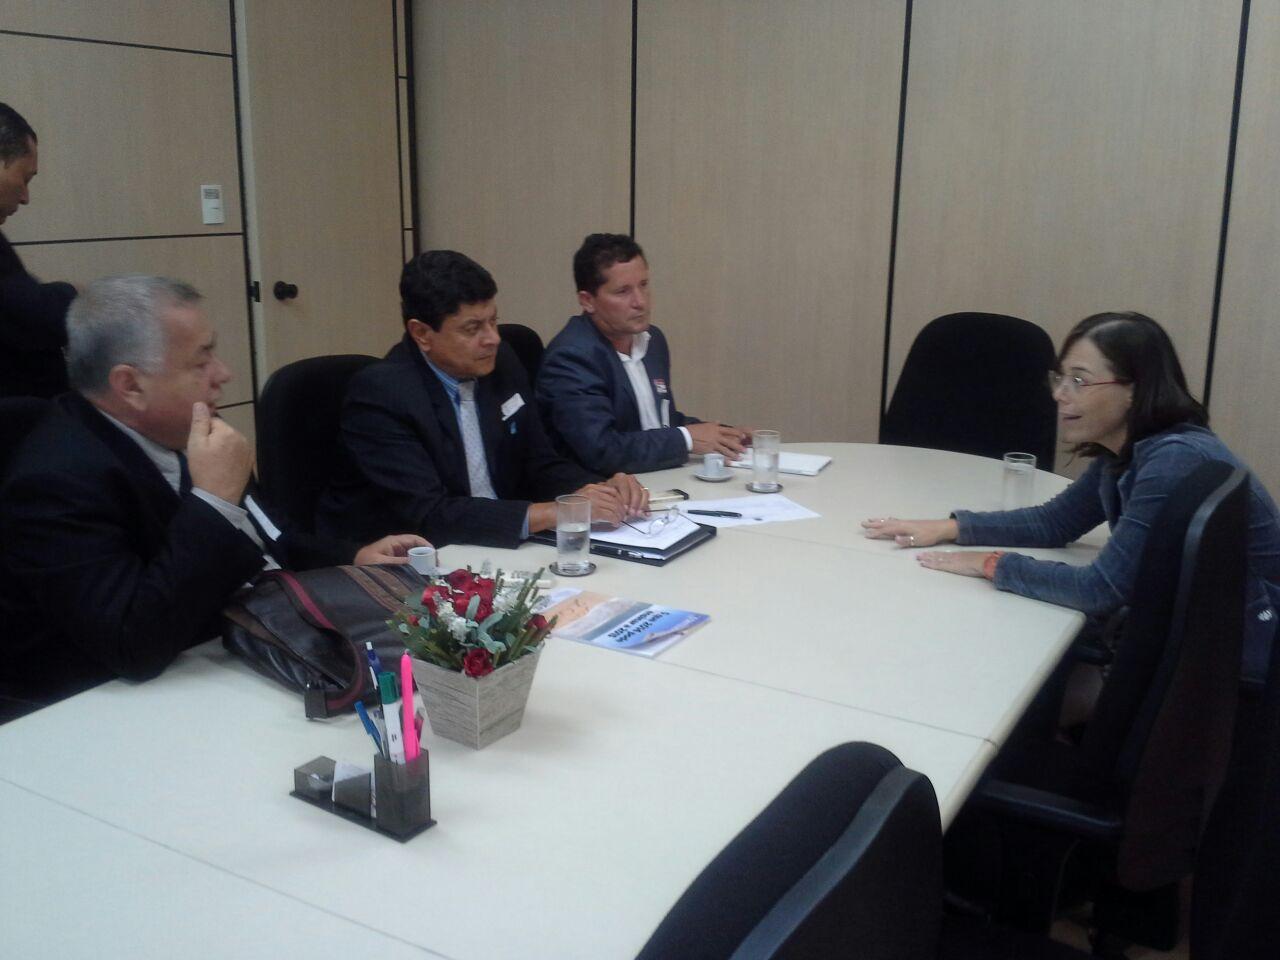 Neco participa de reunião sobre o Pronatec no ministério da Educação.